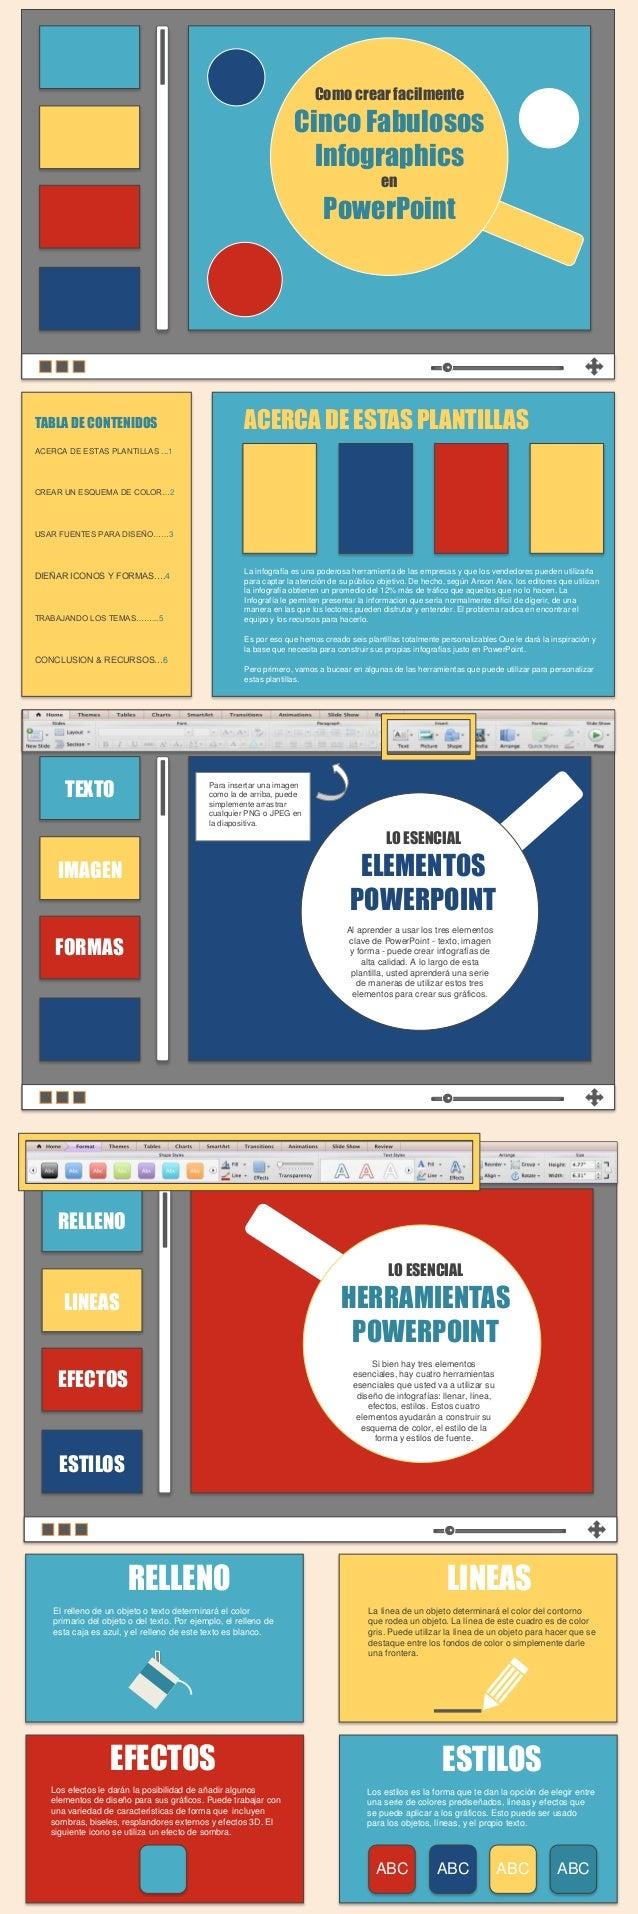 Como crear facilmente Cinco Fabulosos Infographics en PowerPoint TABLA DE CONTENIDOS ACERCA DE ESTAS PLANTILLAS ...1 CREAR...